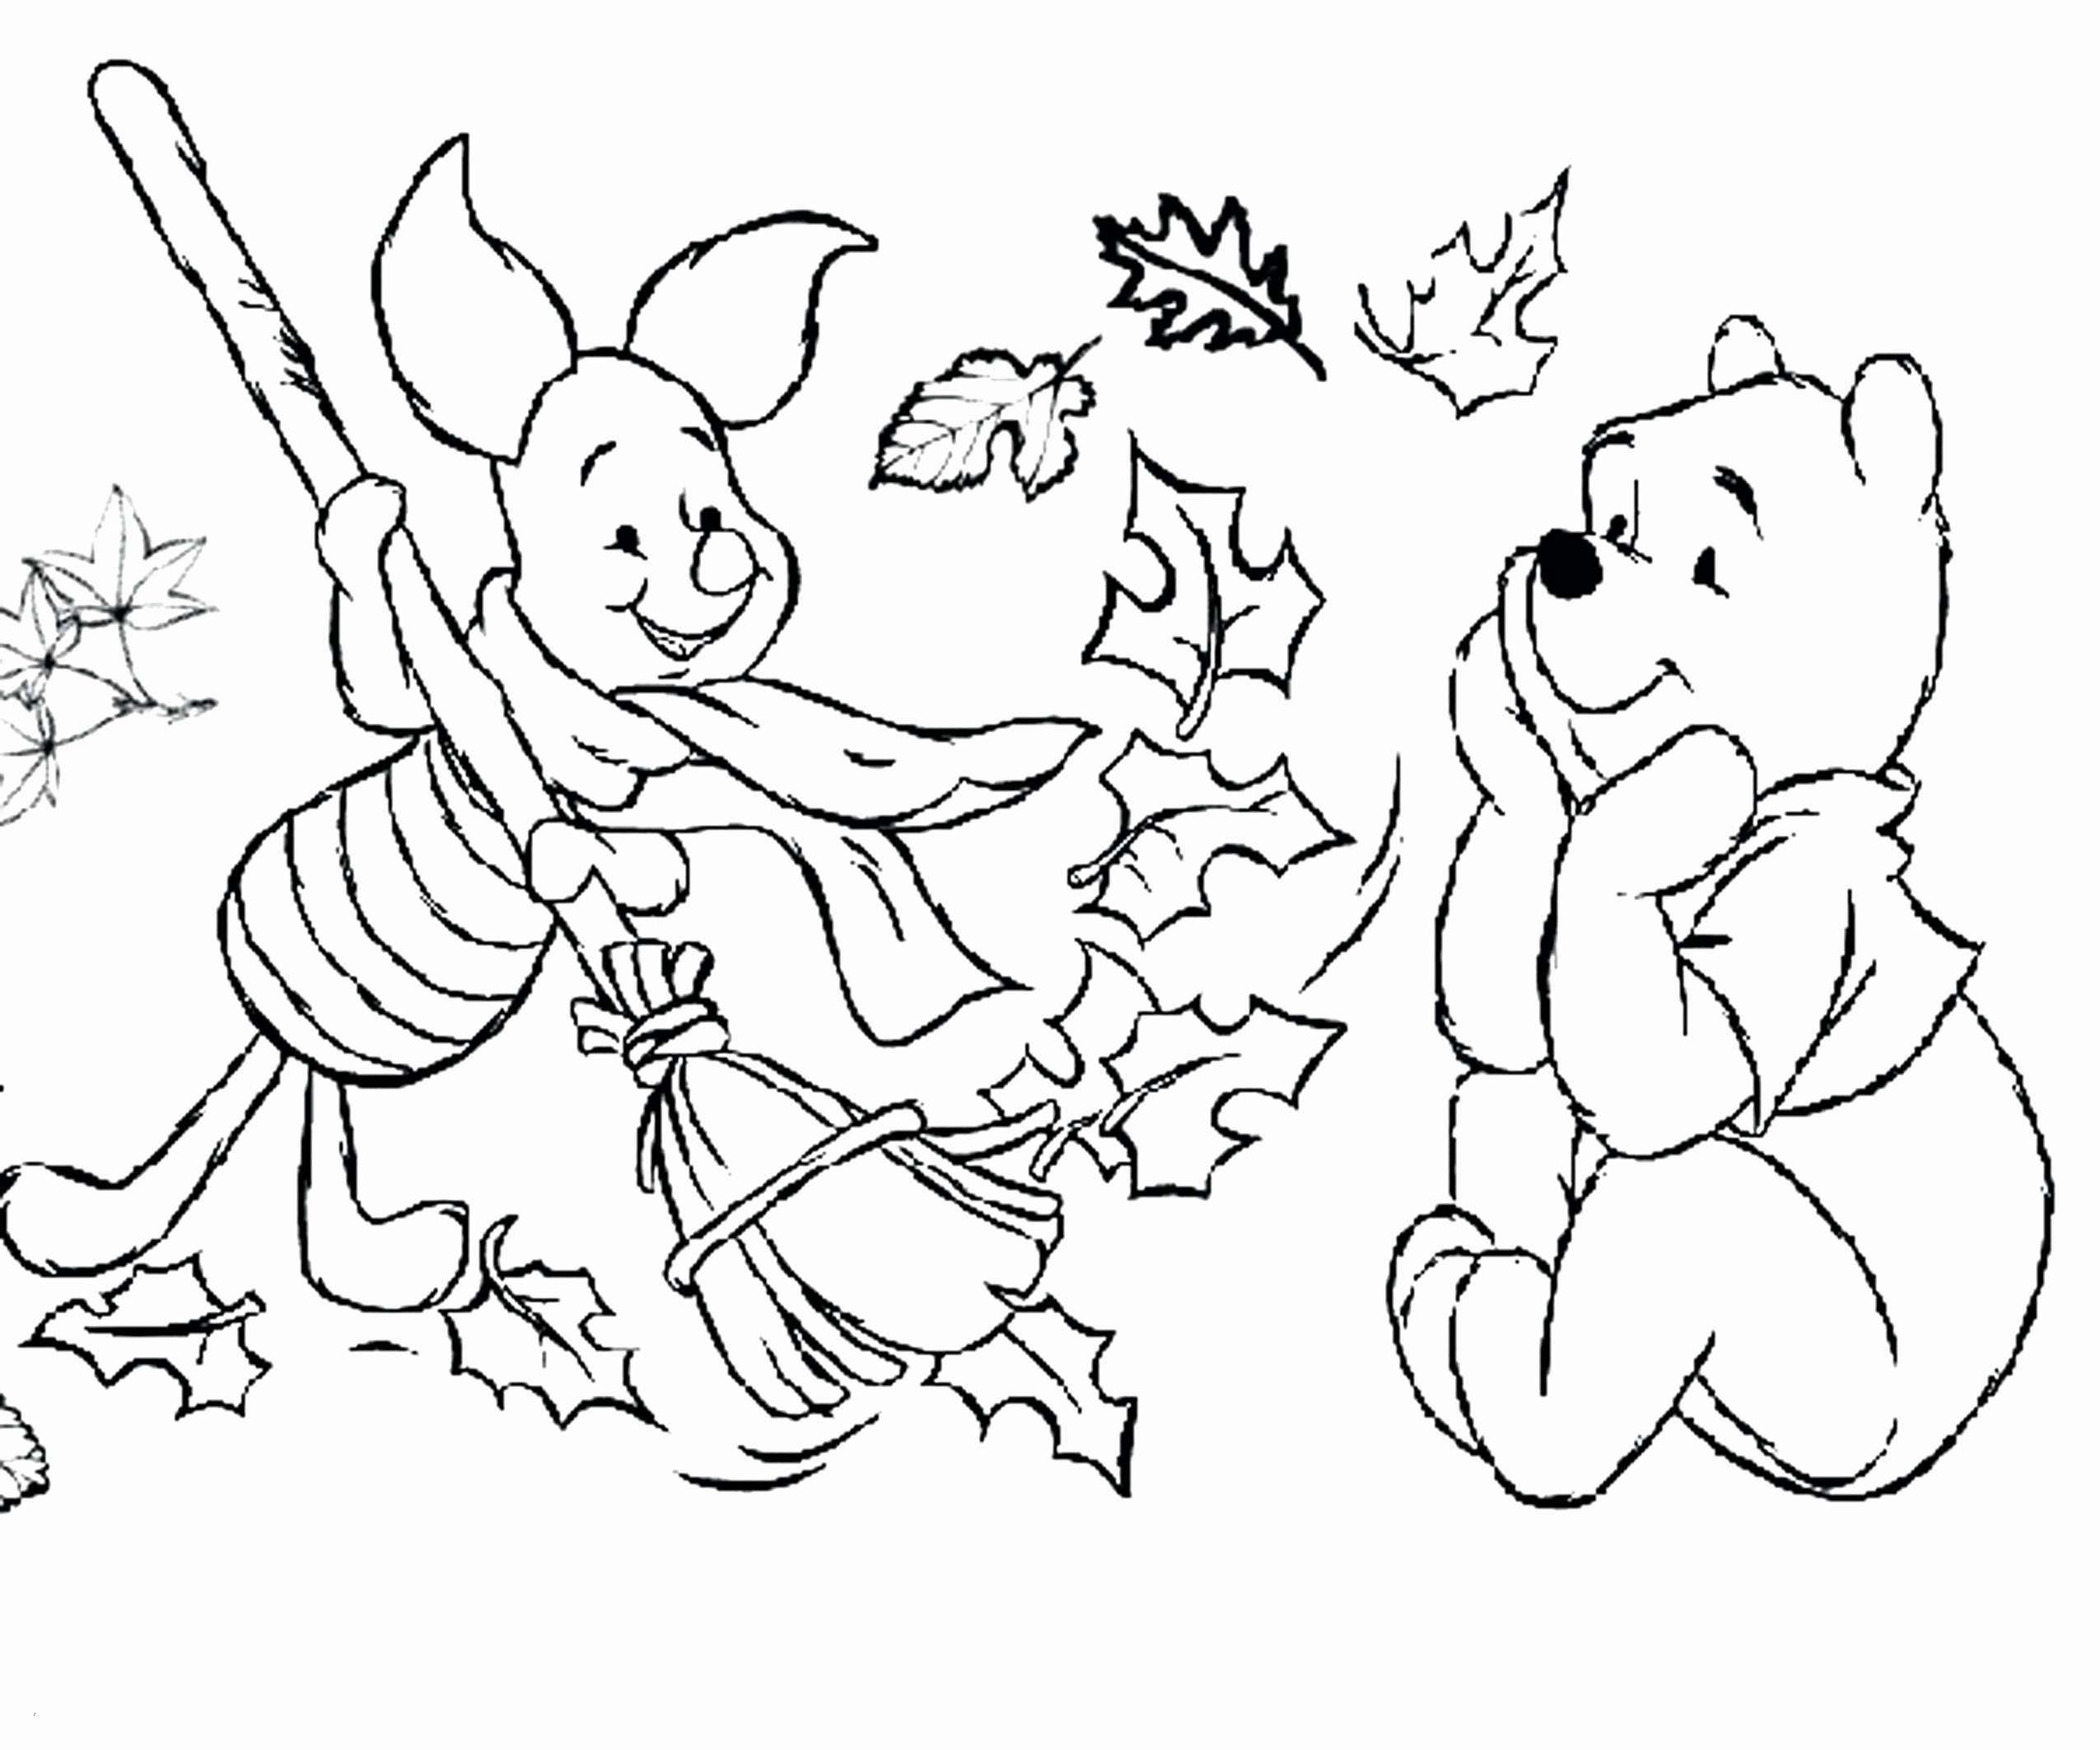 Ausmalbilder Minnie Maus Einzigartig Malvorlagen Tannenbaum Frisch Malvorlagen Minnie Mouse Schön Bilder